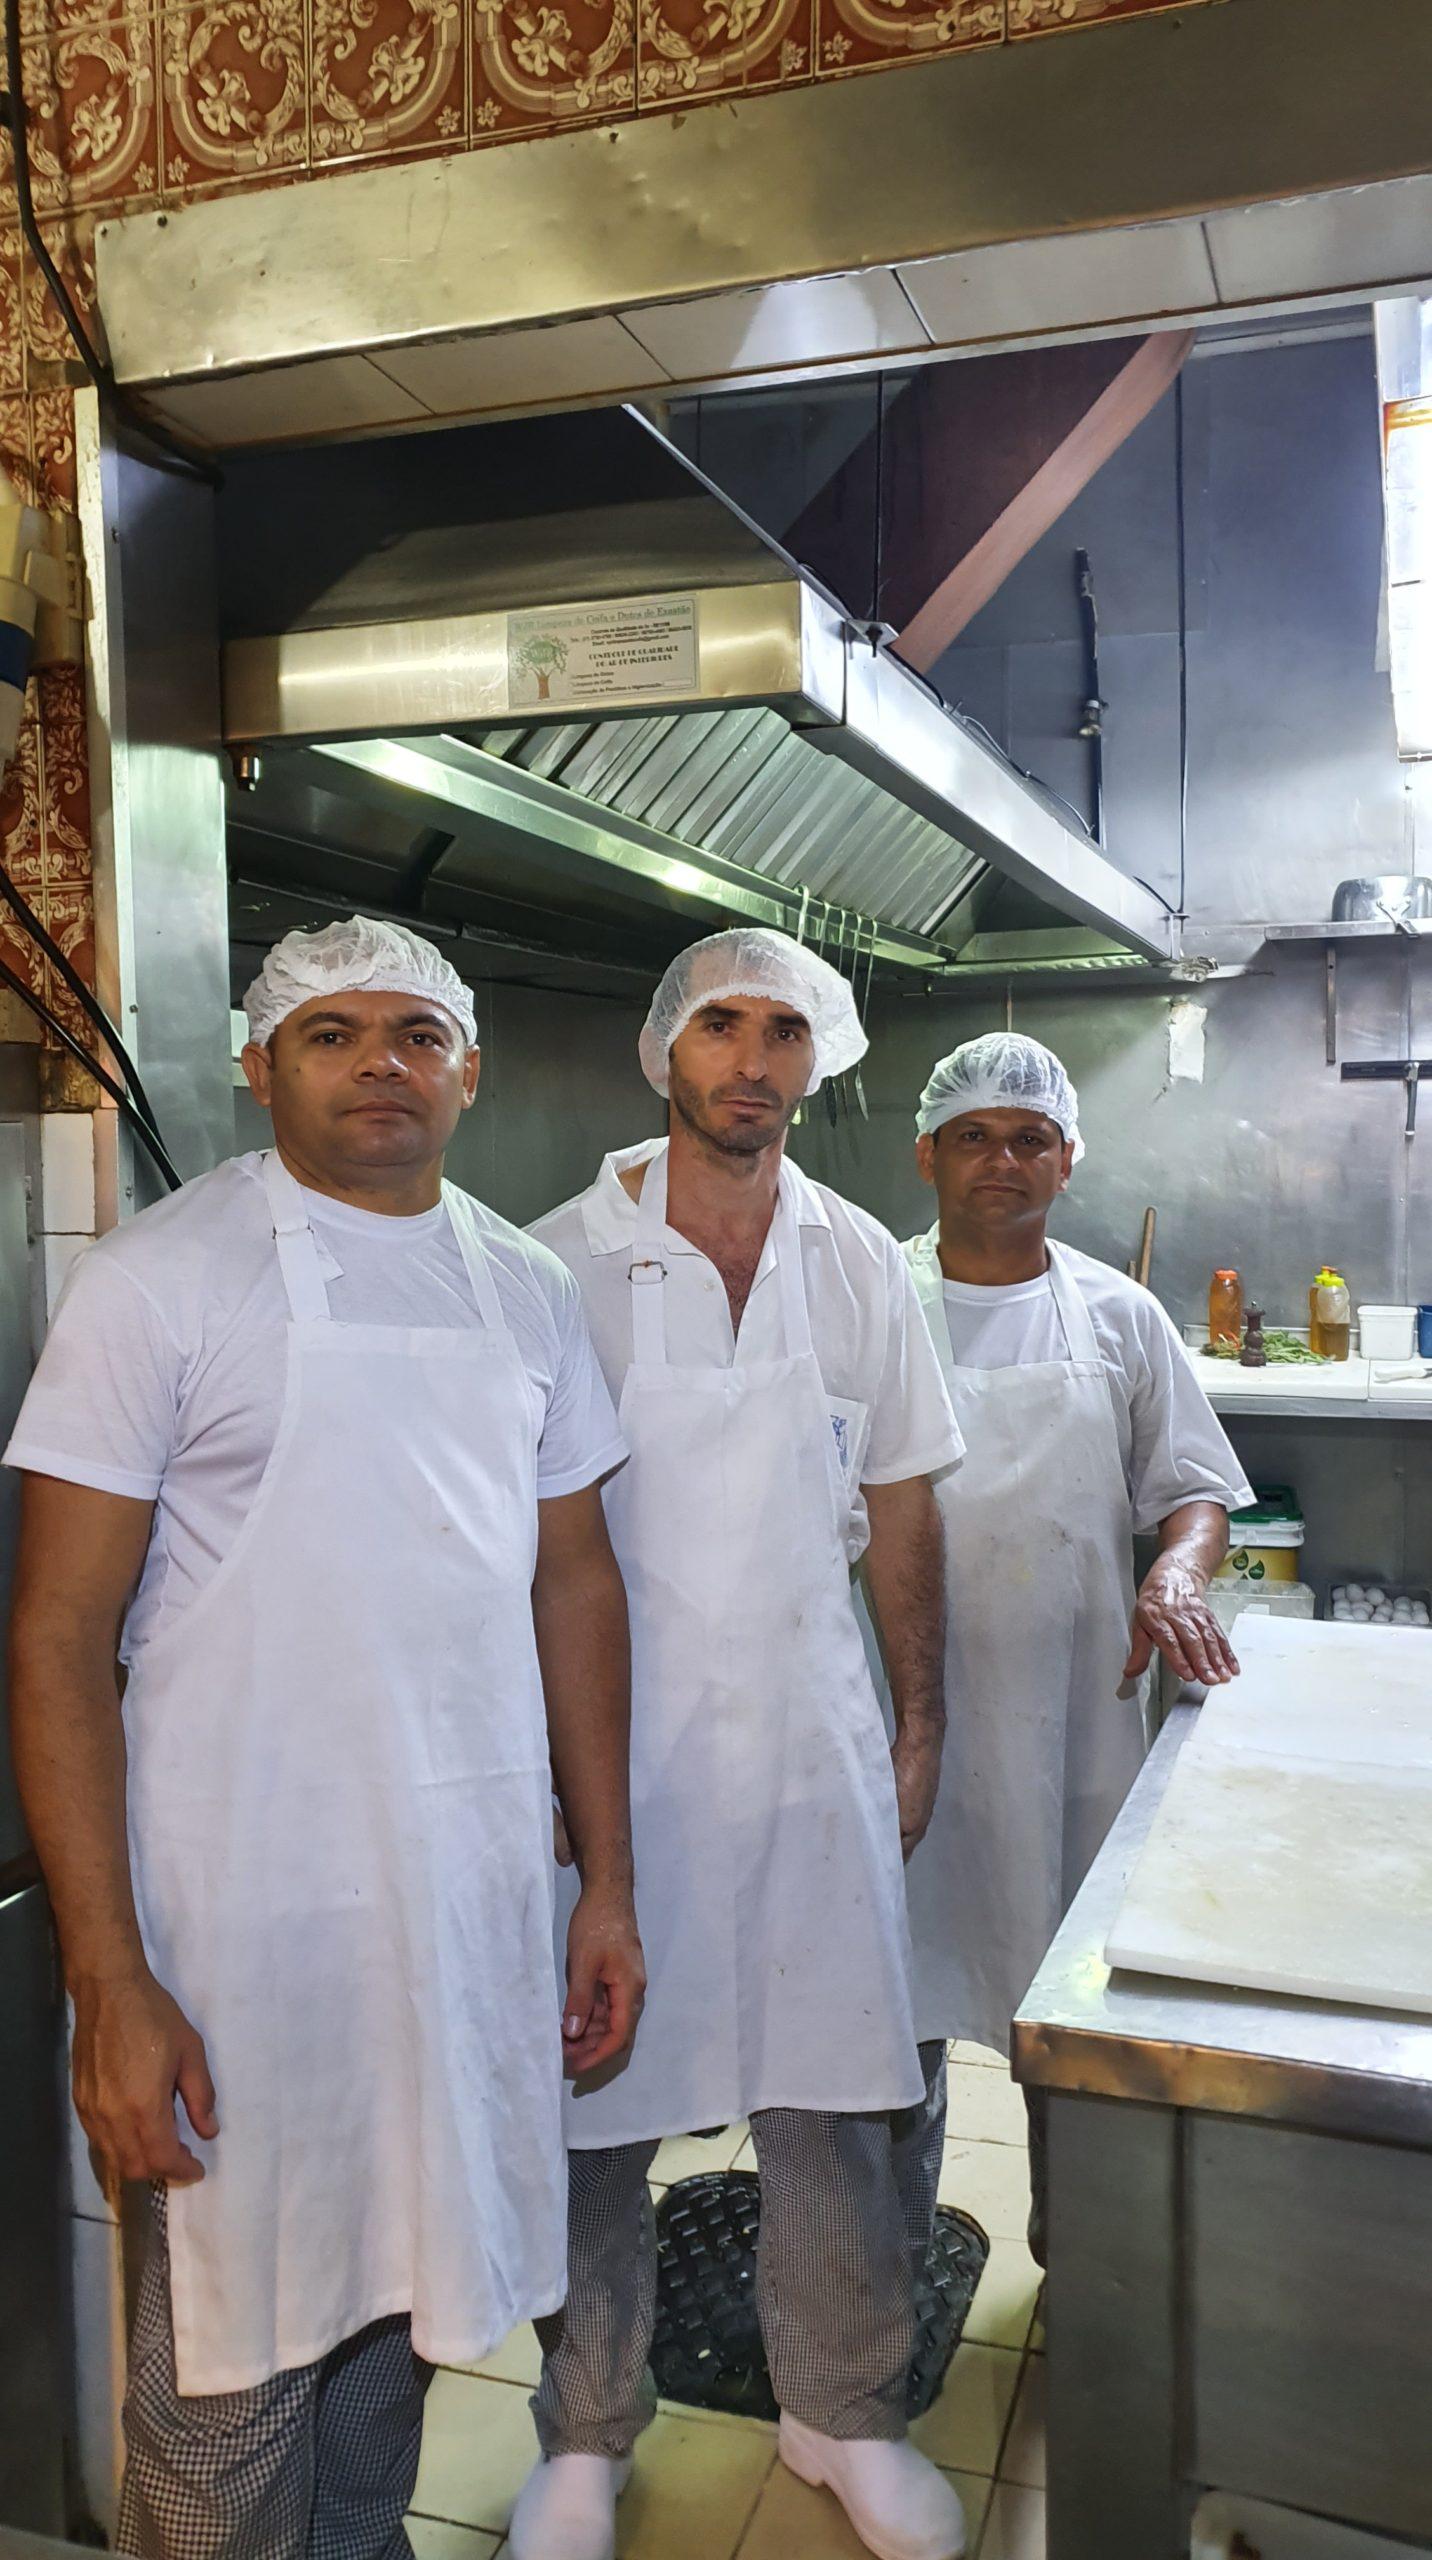 Equipe da cozinha, Bar e Restaurante Nova Capela